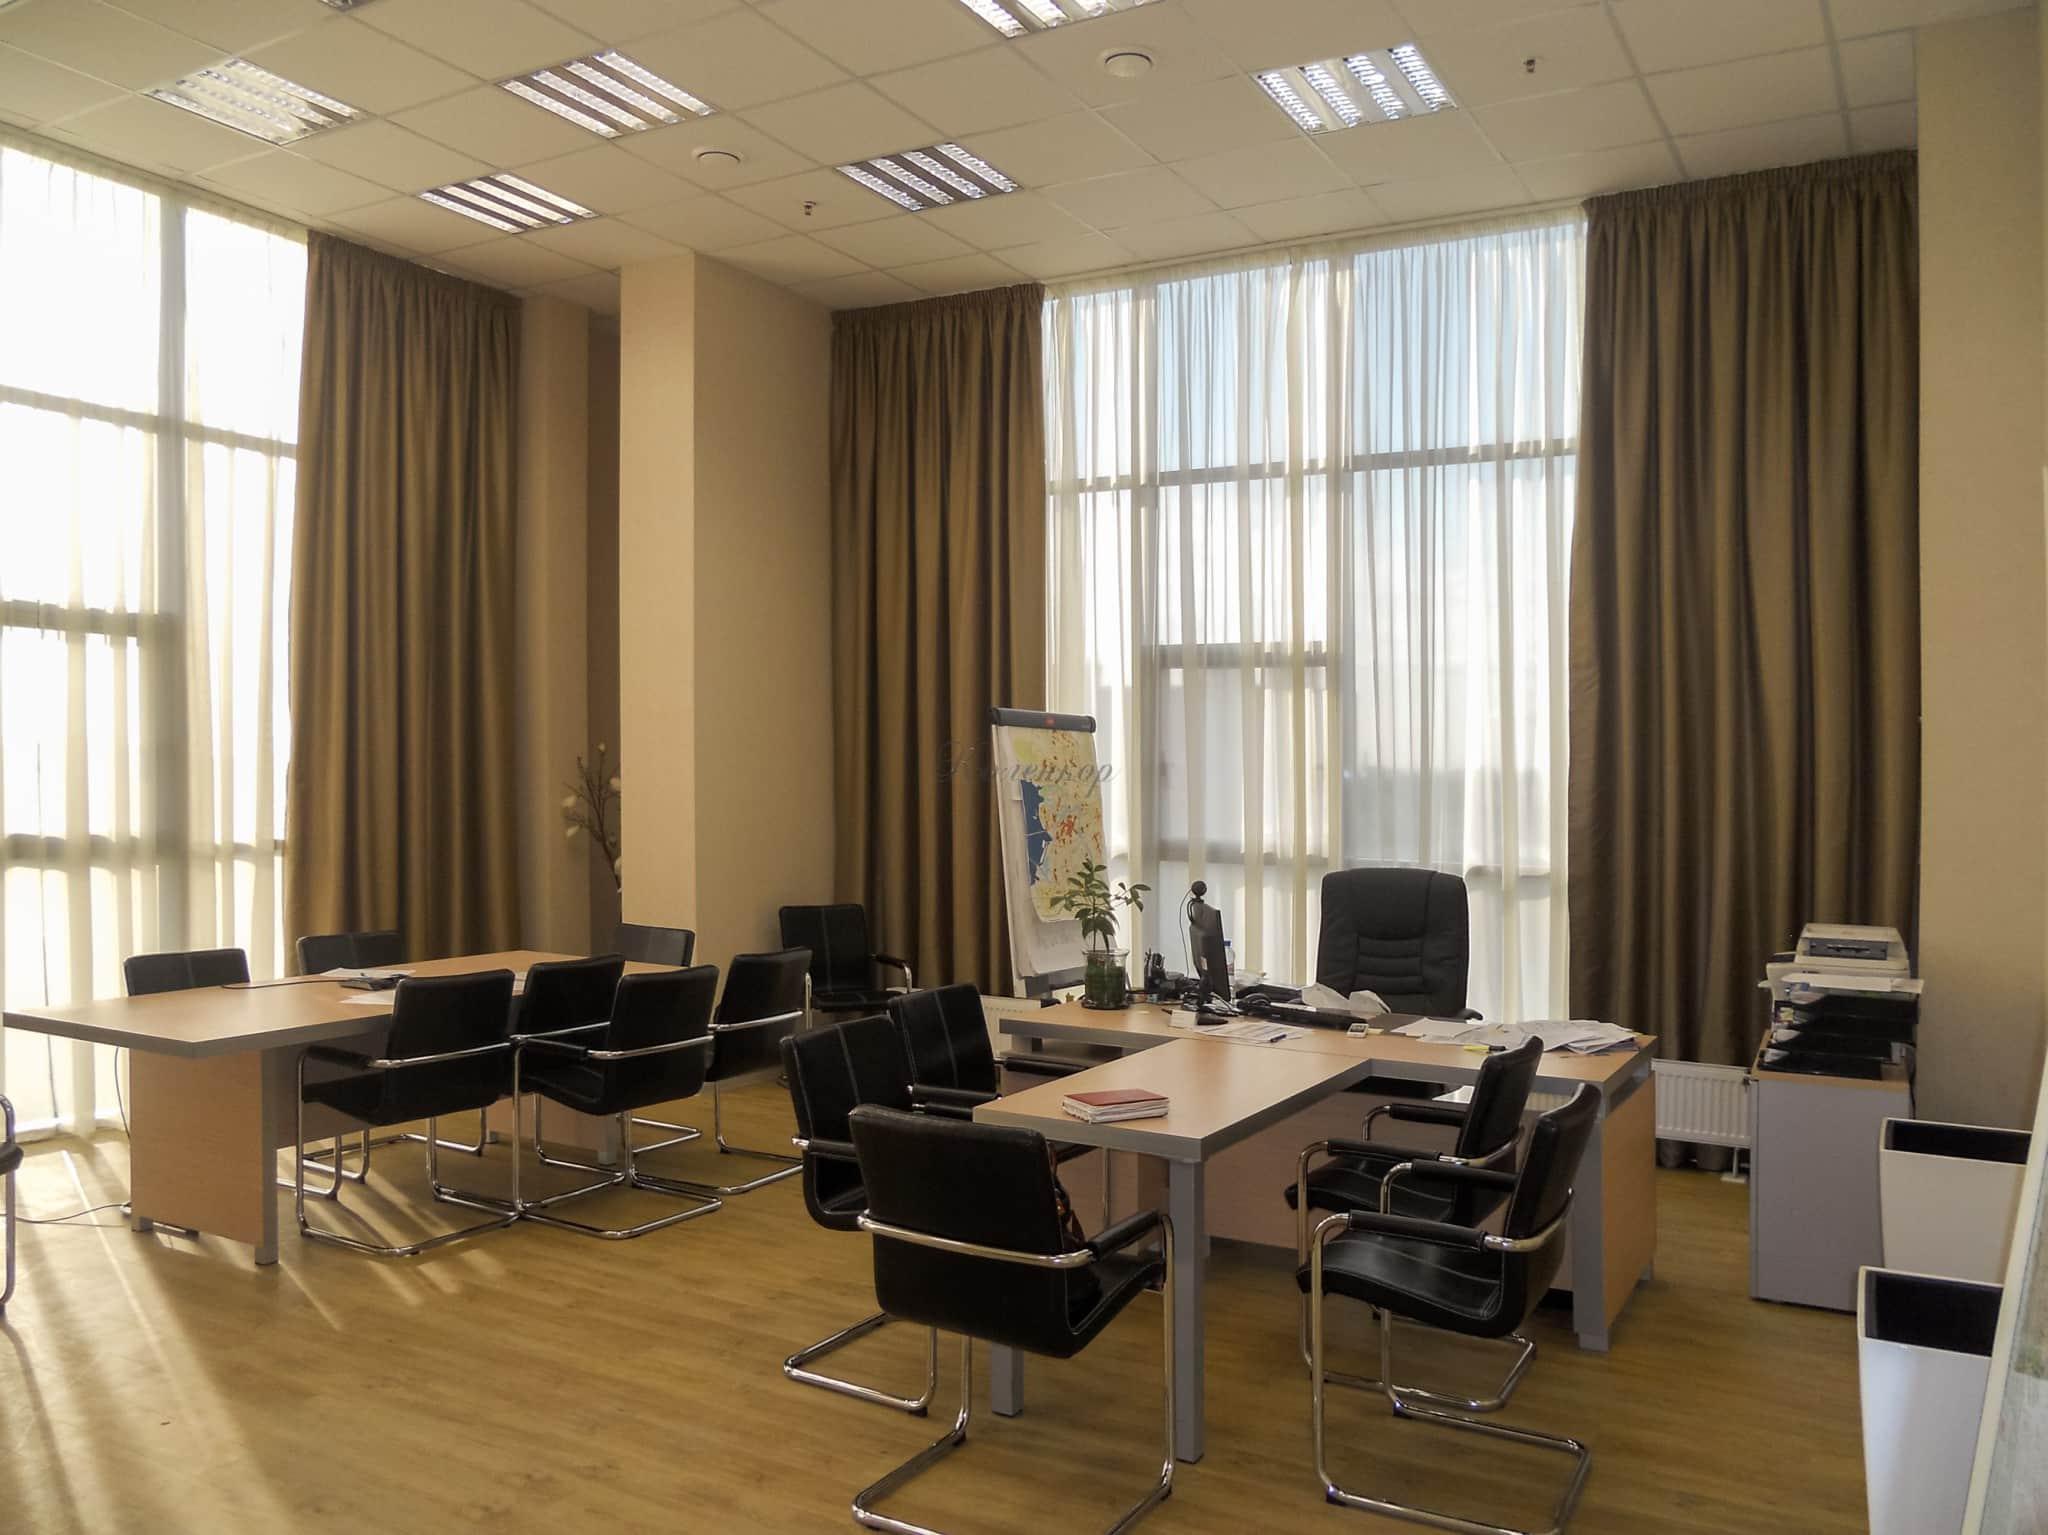 Шторы в кабинет: создаем рабочую атмосферу